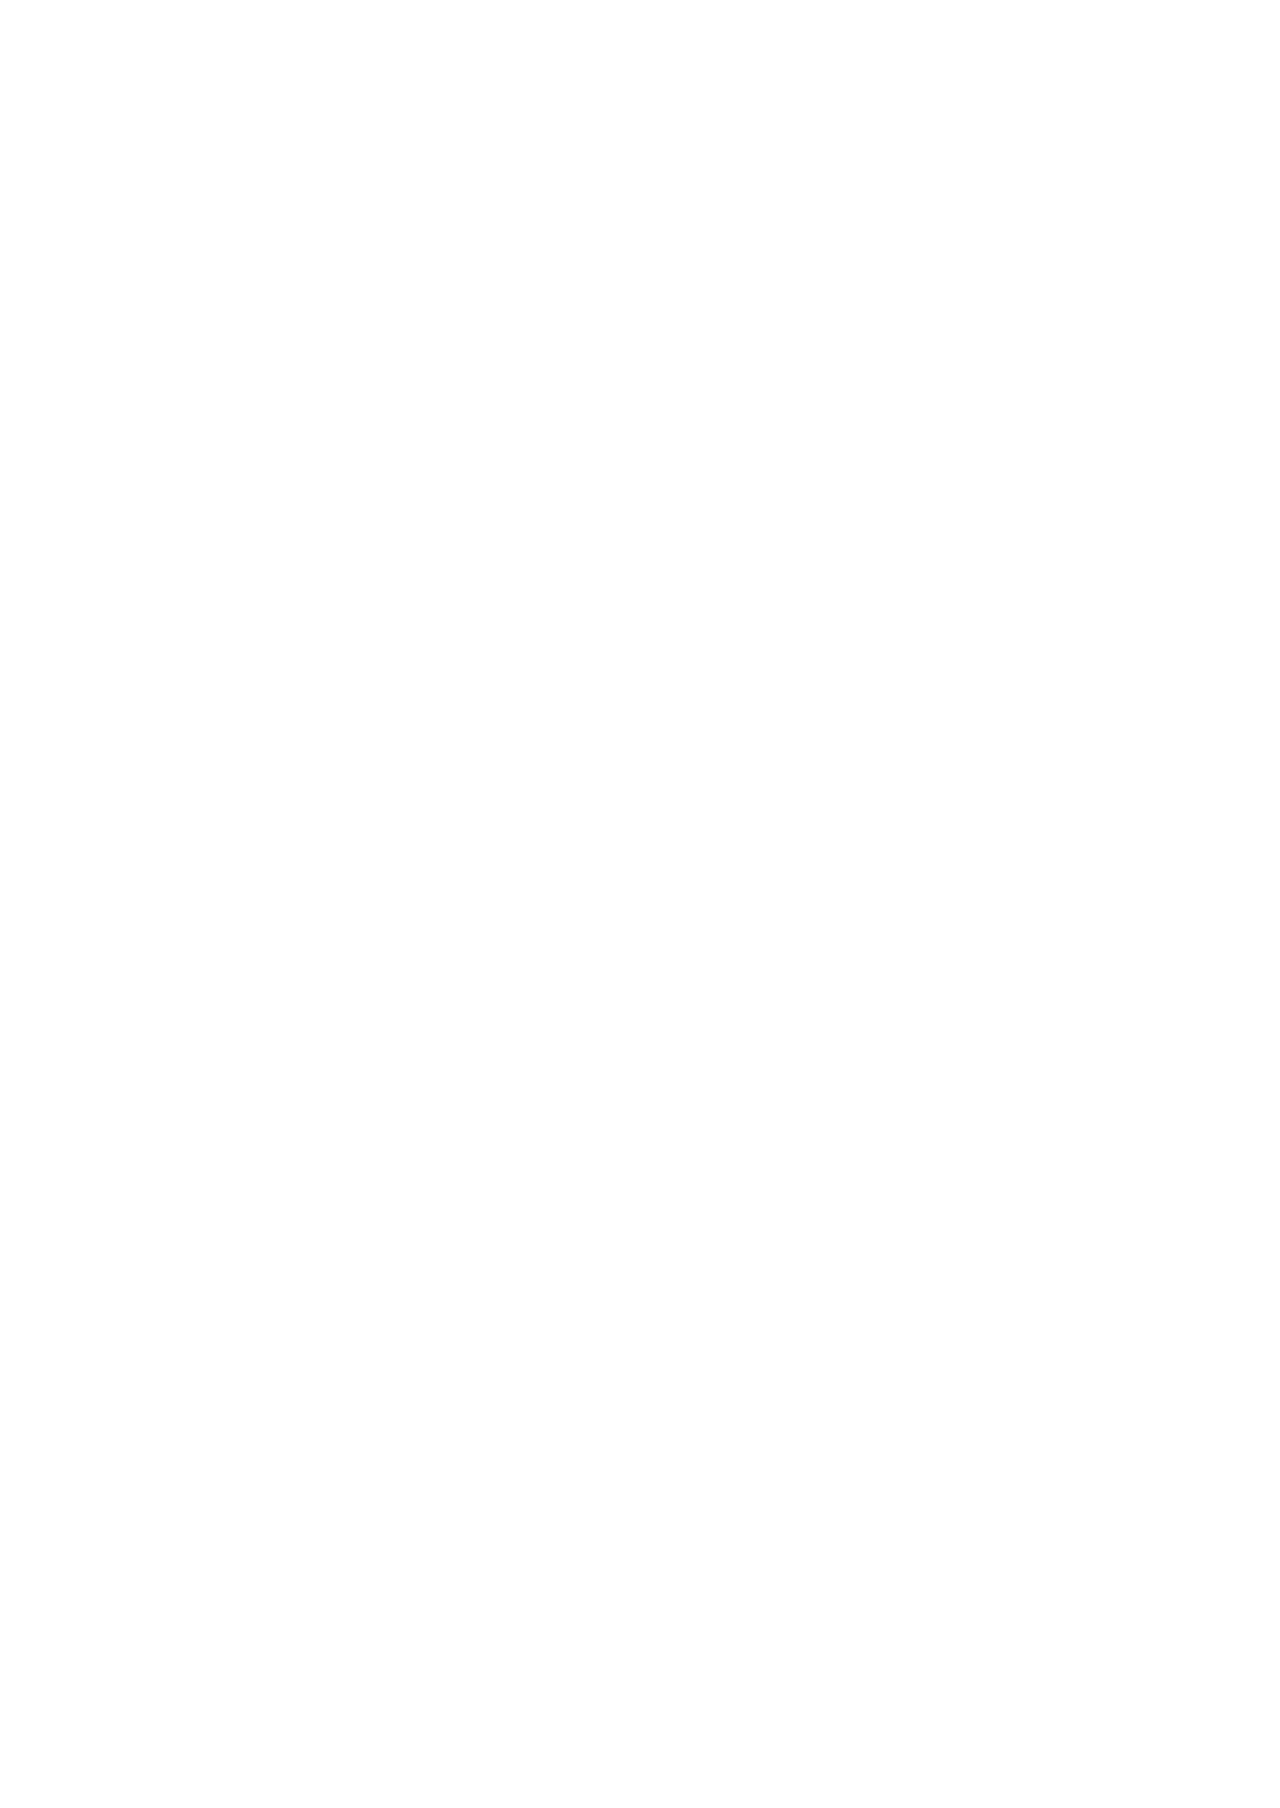 夢色のレプリカ【上】アンドロイドと背徳の契り 1